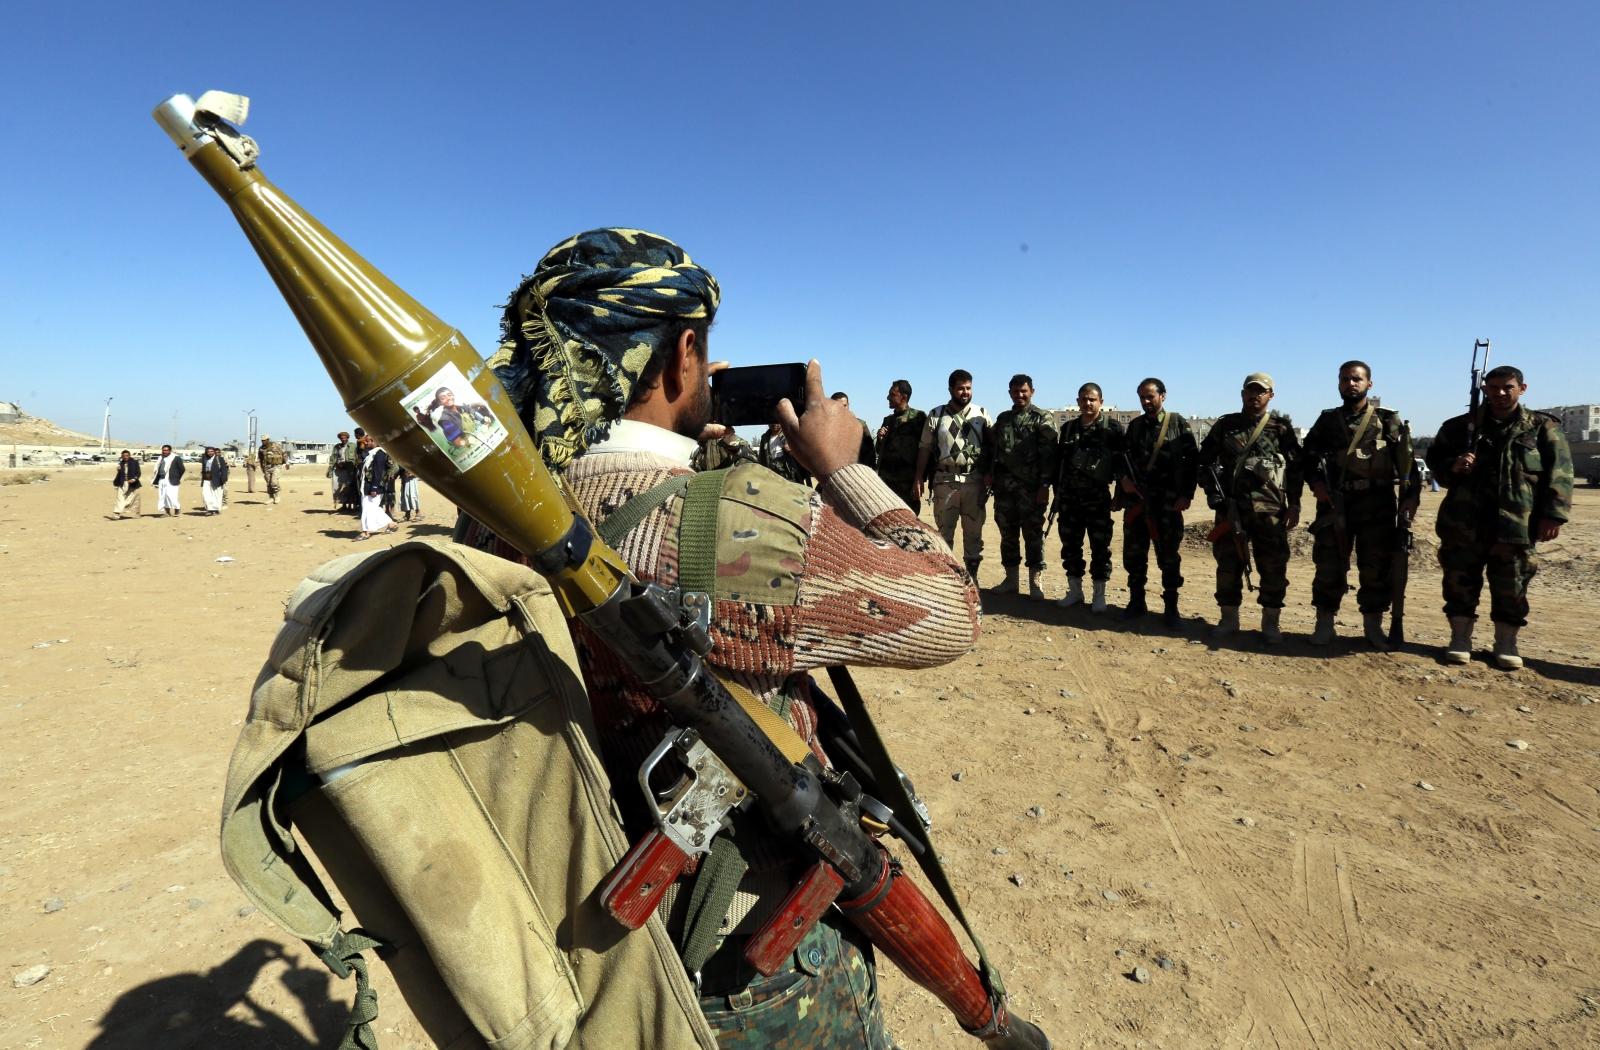 Rebelianci Huti werbują nowych członków w Sanie, Jemen.